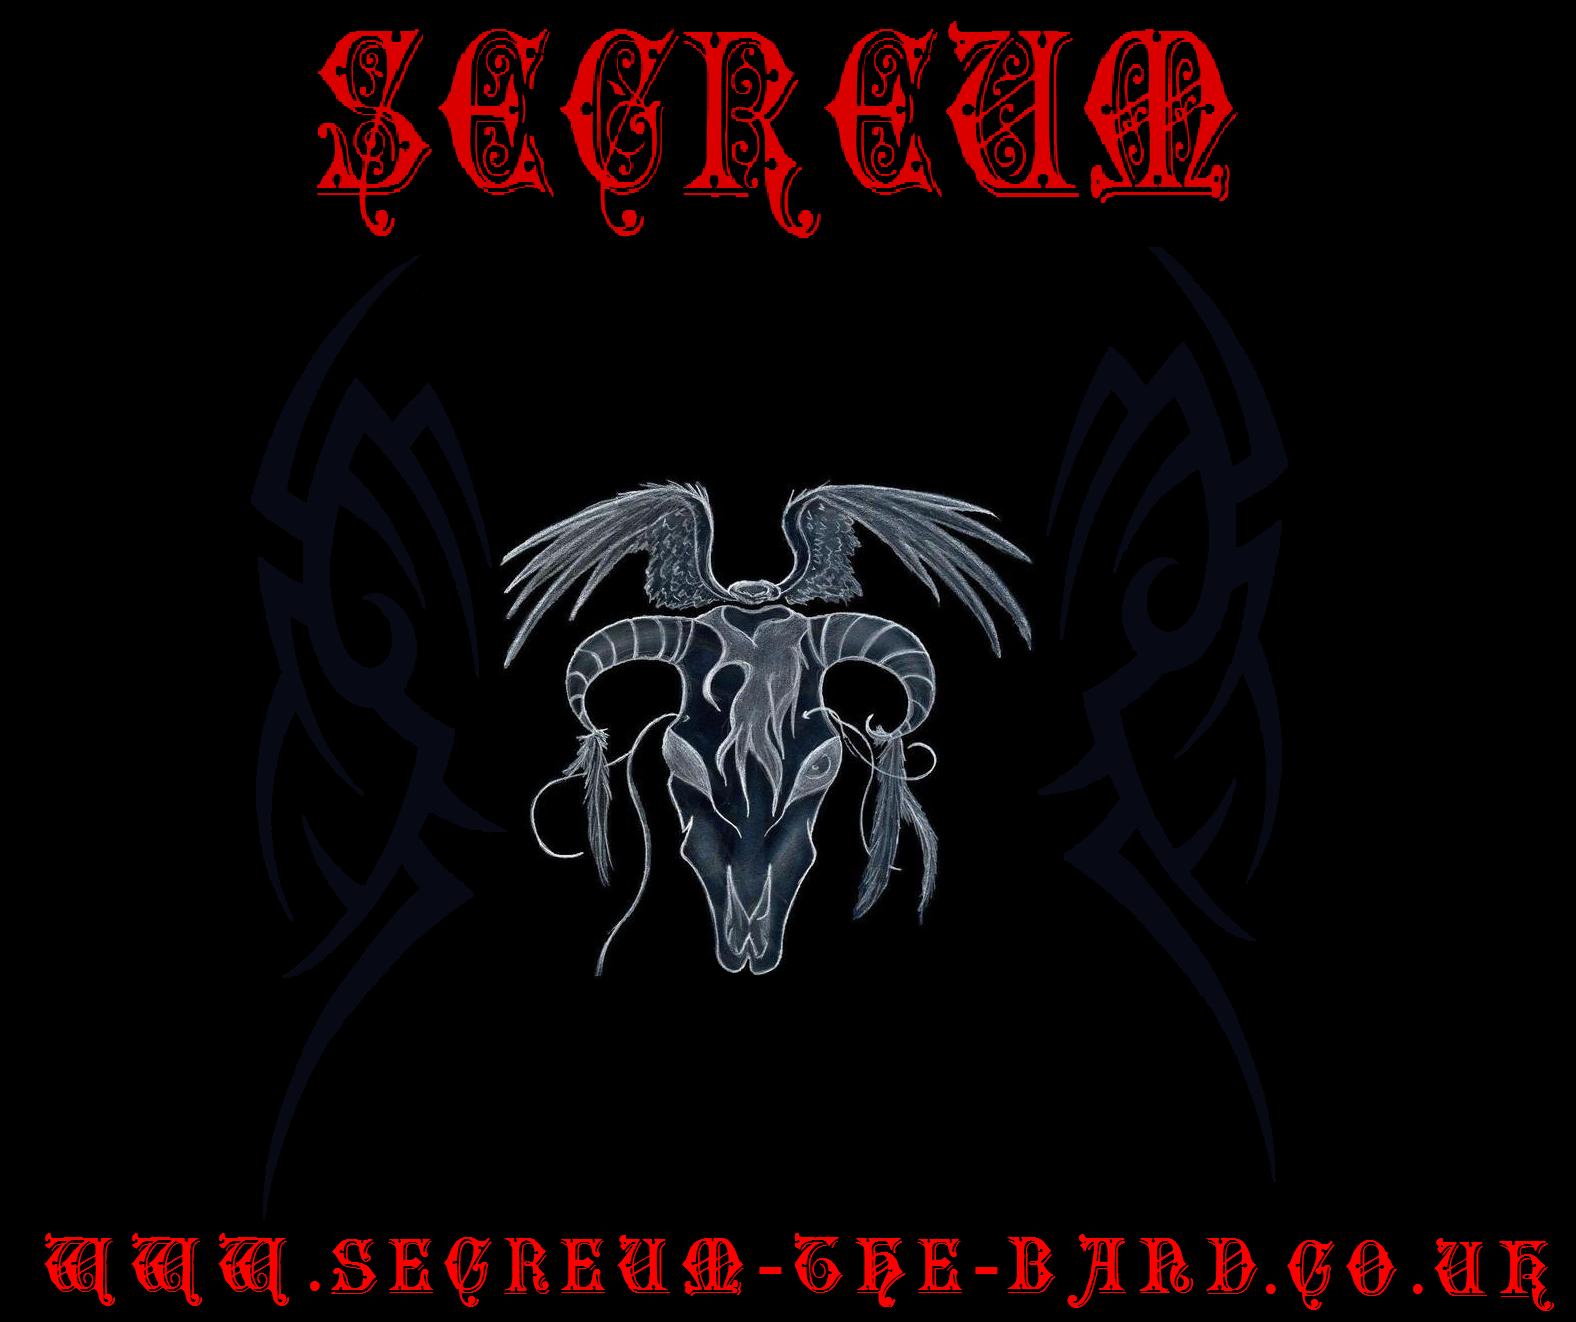 Secreum